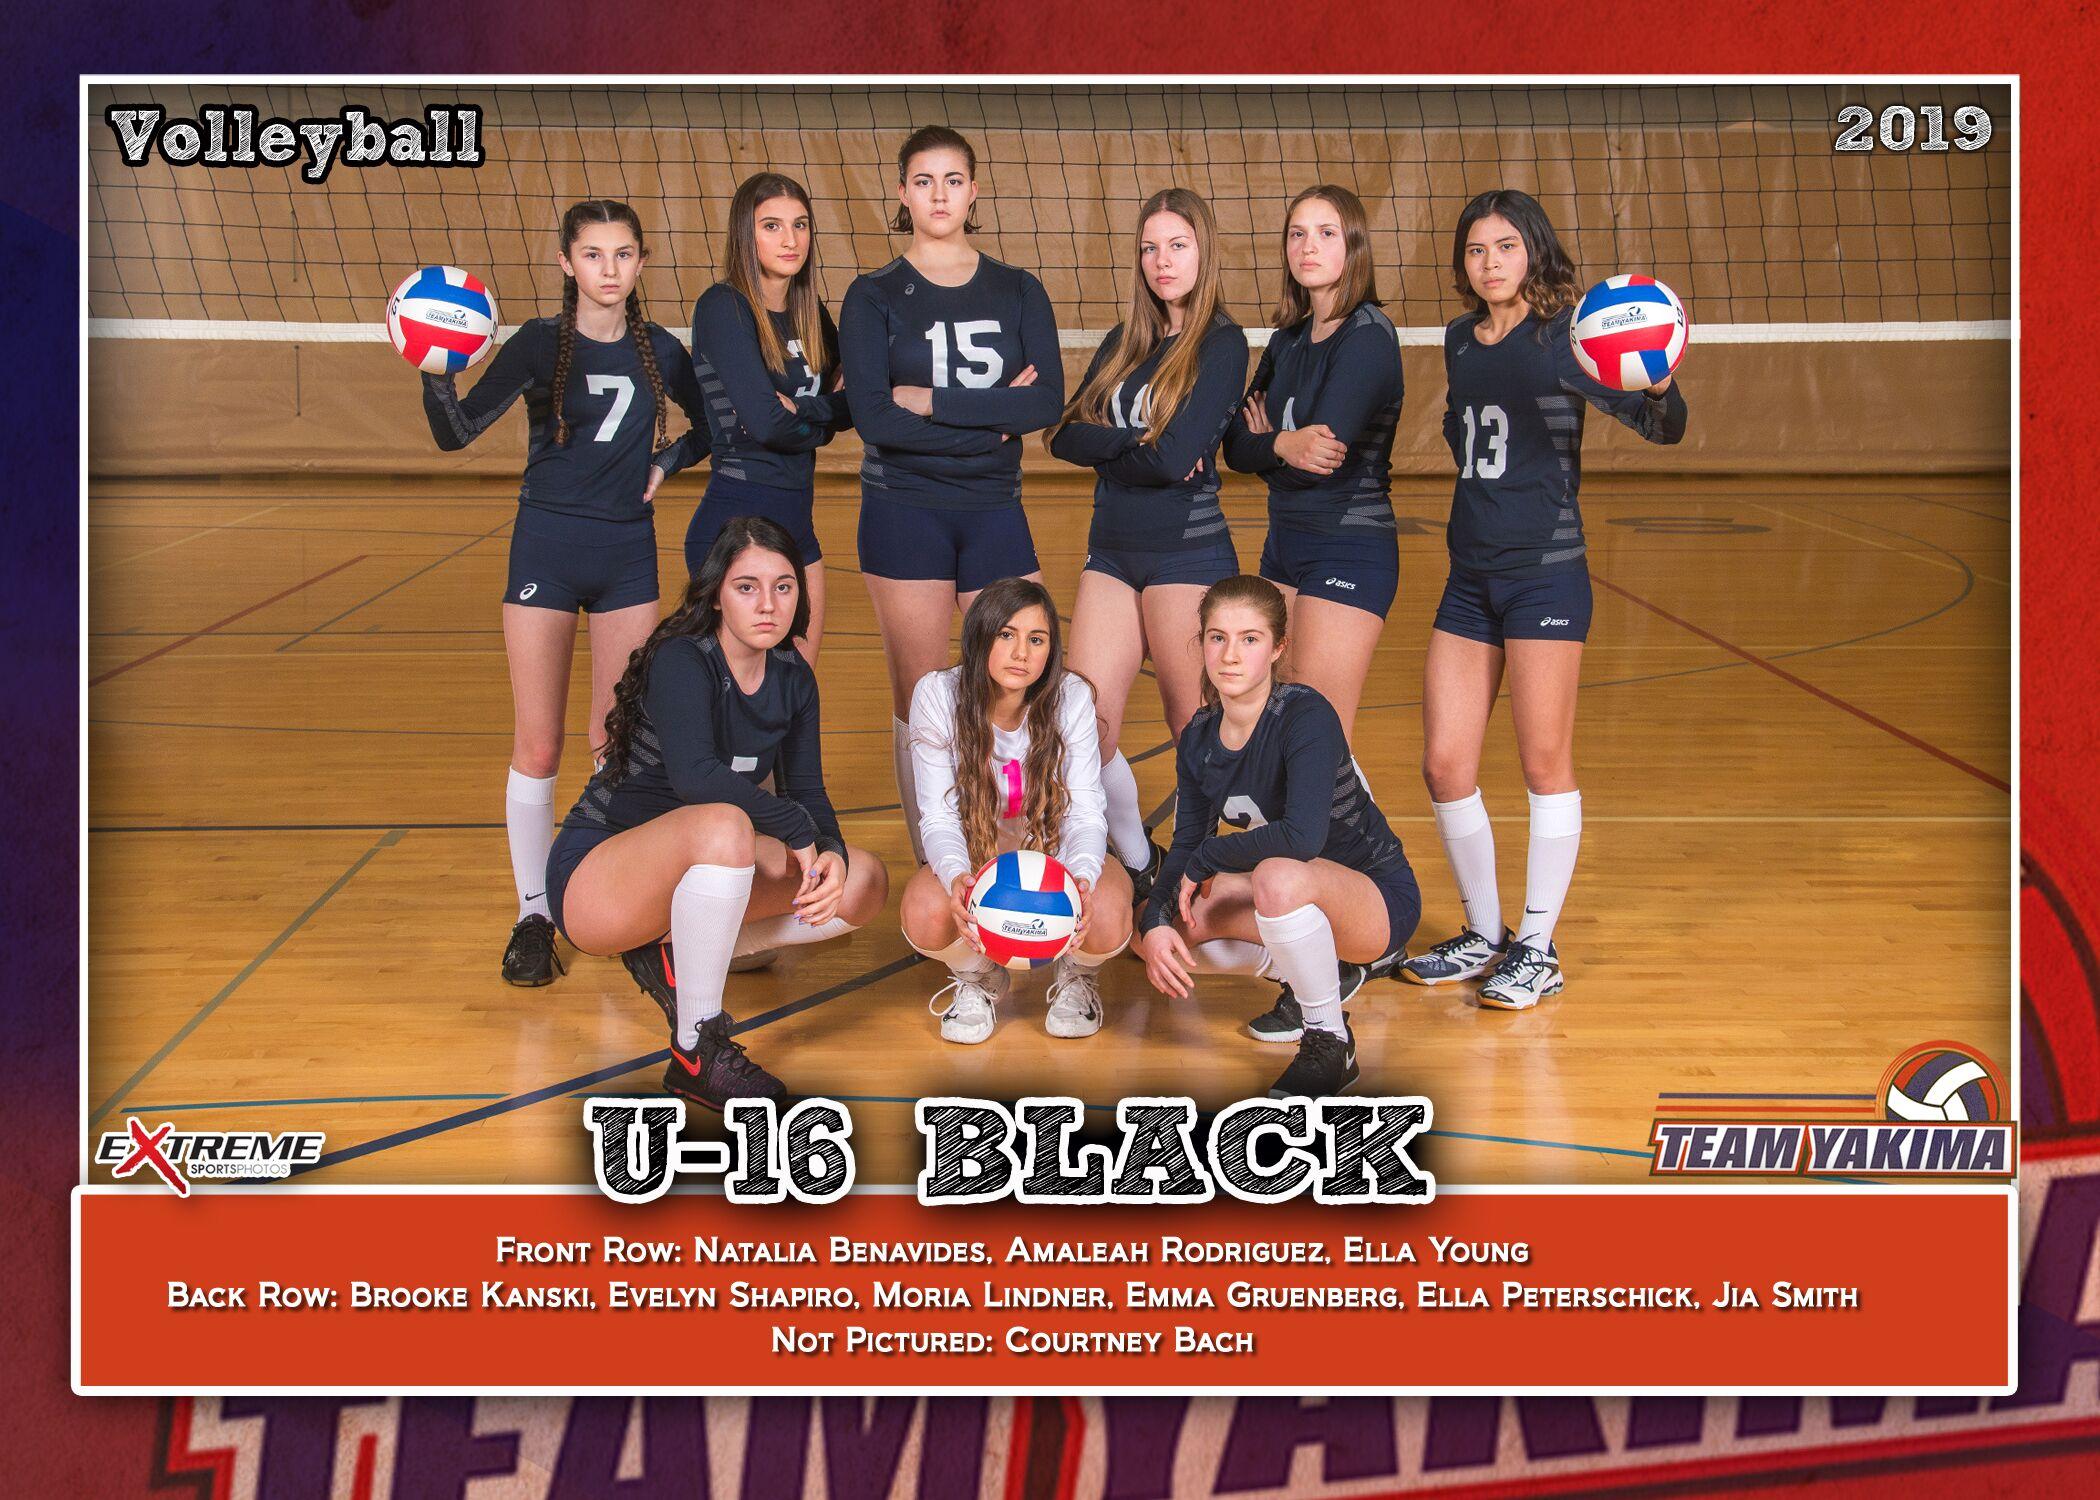 Team Yakima 16 Black